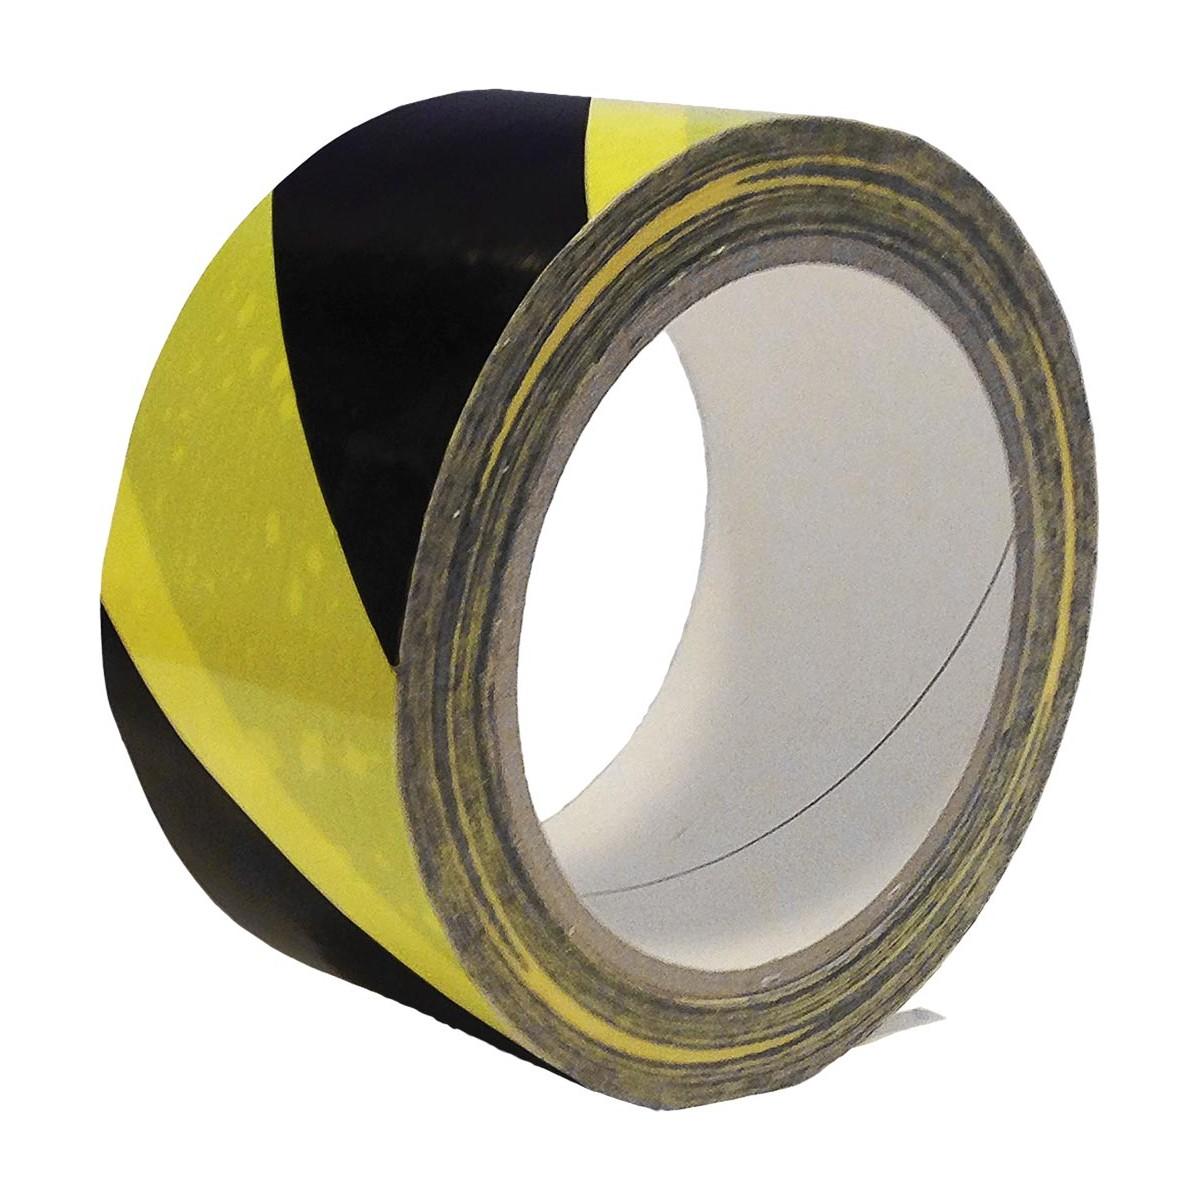 Taśma ostrzegawcza samoprzylepna żółto-czarna REIS TASO 33m